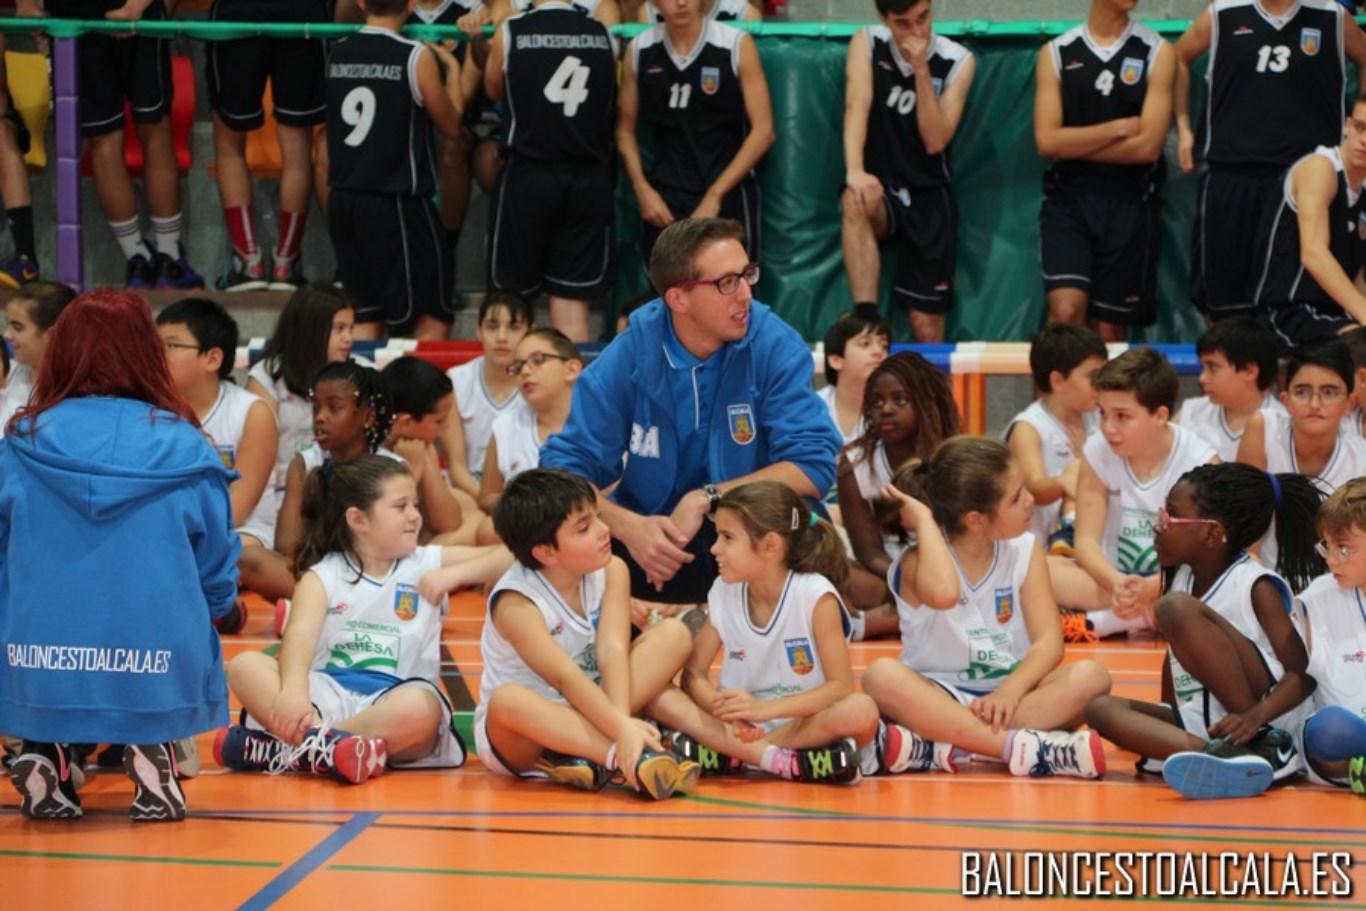 658709010 Presentado el Club Baloncesto Alcalá 2016 - Dream Alcalá